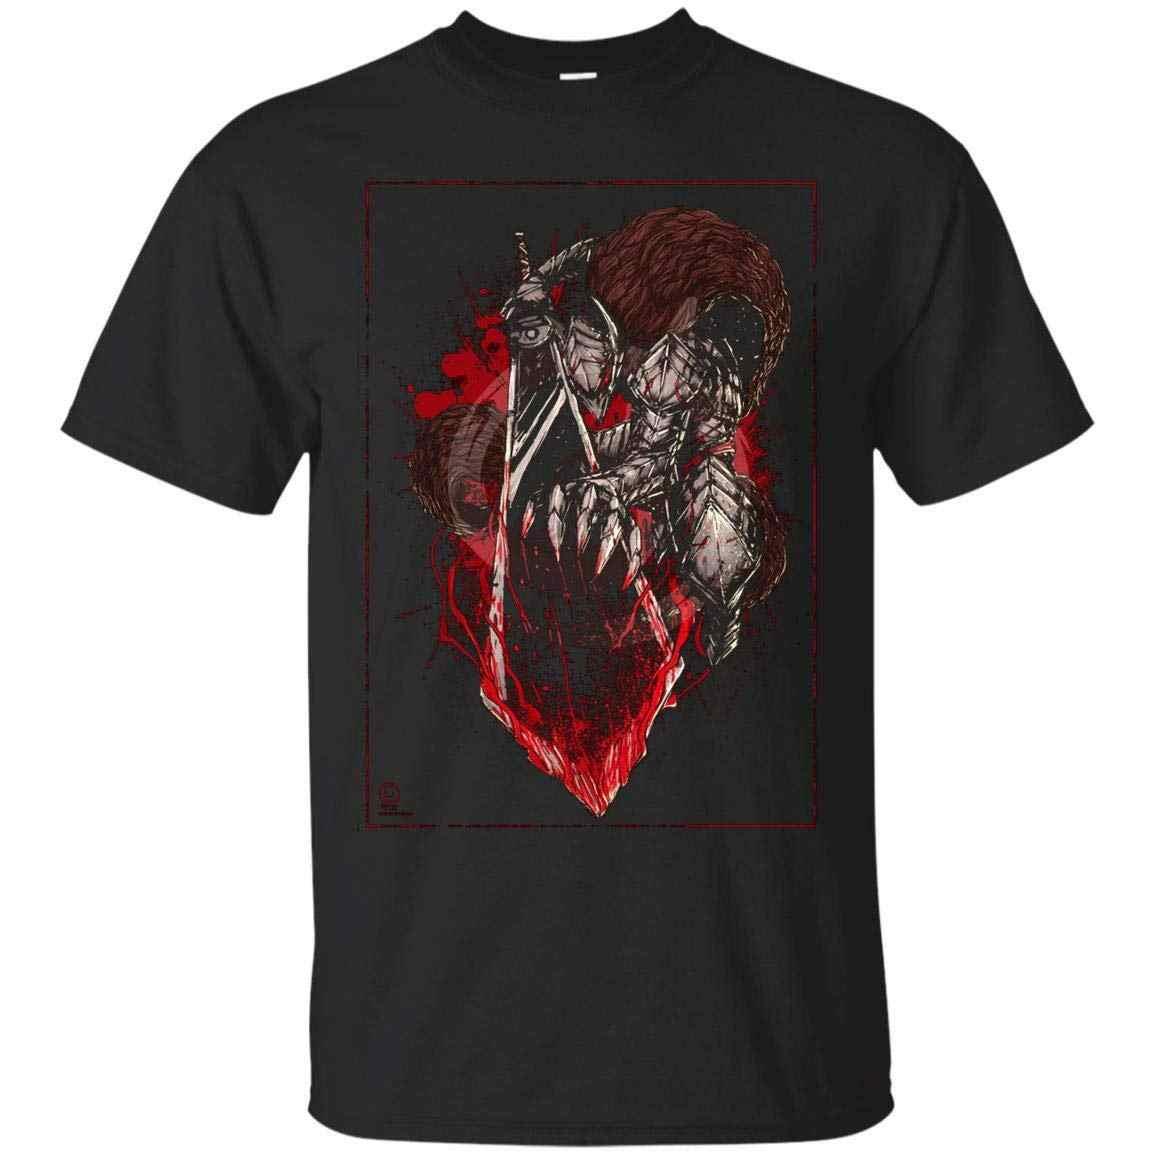 Футболка с героями аниме «Berserk-Guts Armor», «Dragon Slayer», «Berserk», ультрахлопковая футболка, распродажа, новая модная летняя футболка